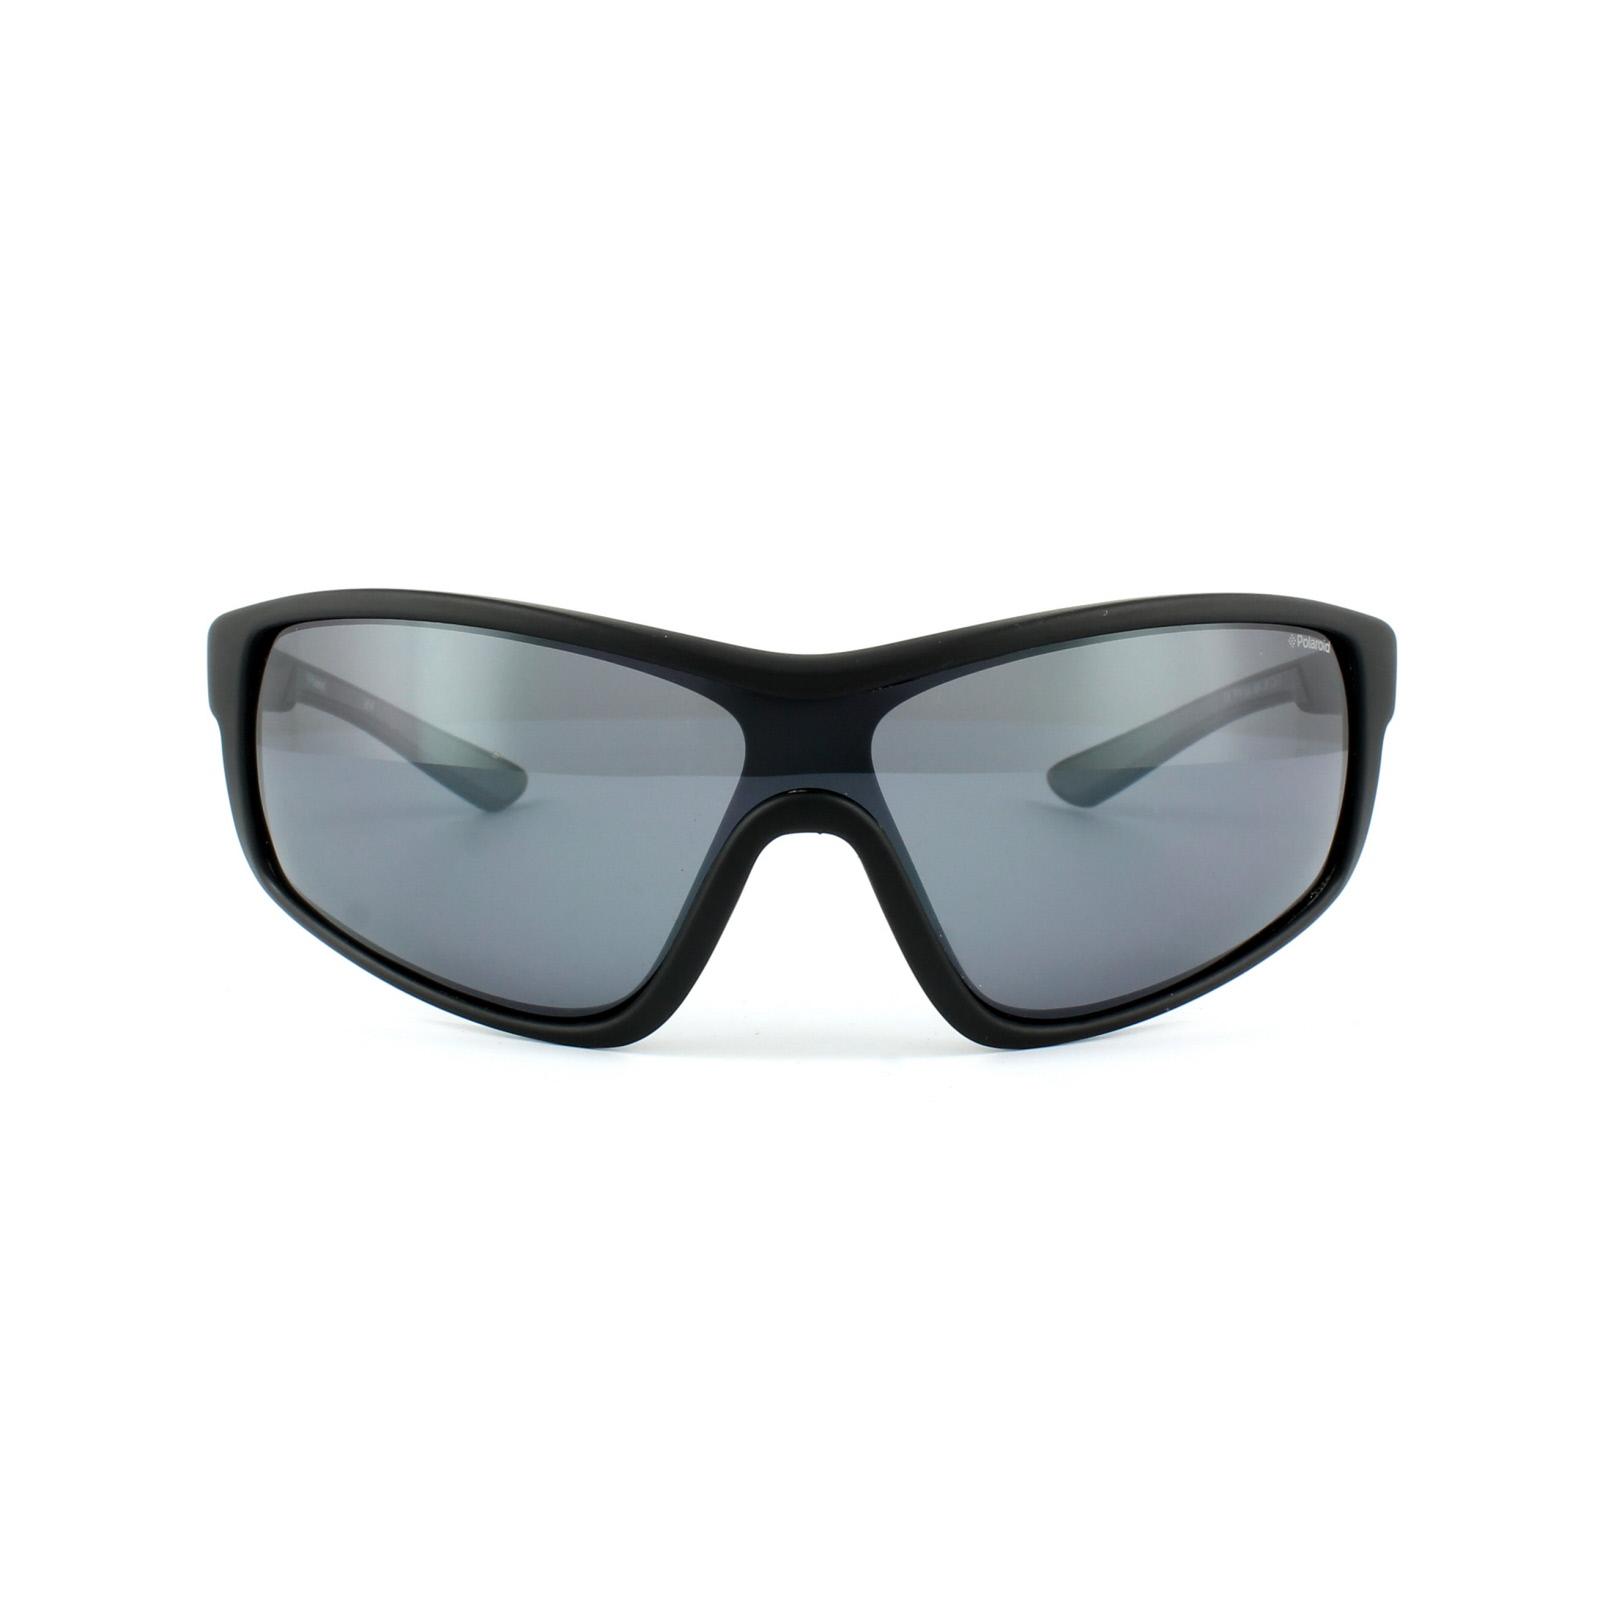 Polaroid sport gafas de sol p7415 08a jb negro gris plata for Espejo gris plata